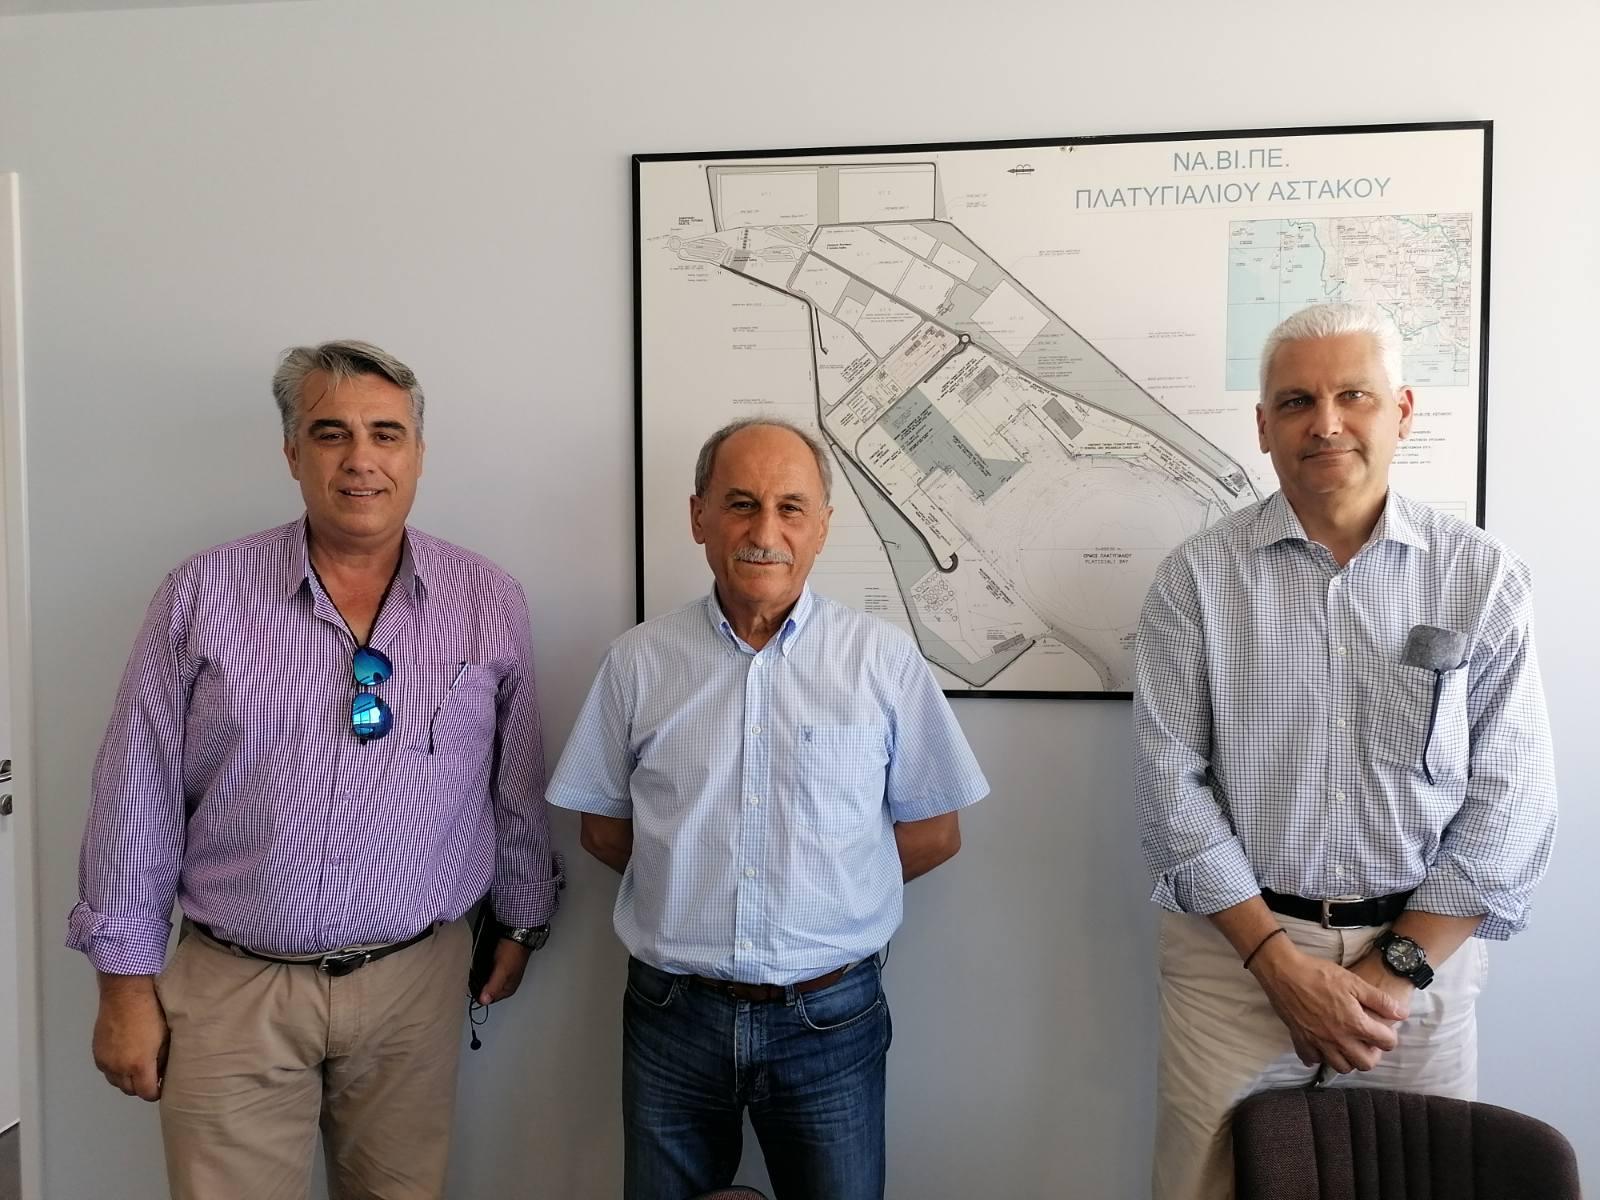 Επίσκεψη του Αντιπεριφερειάρχη Φωκίωνα Ζαΐμη στο Λιμάνι Πλατυγιαλίου